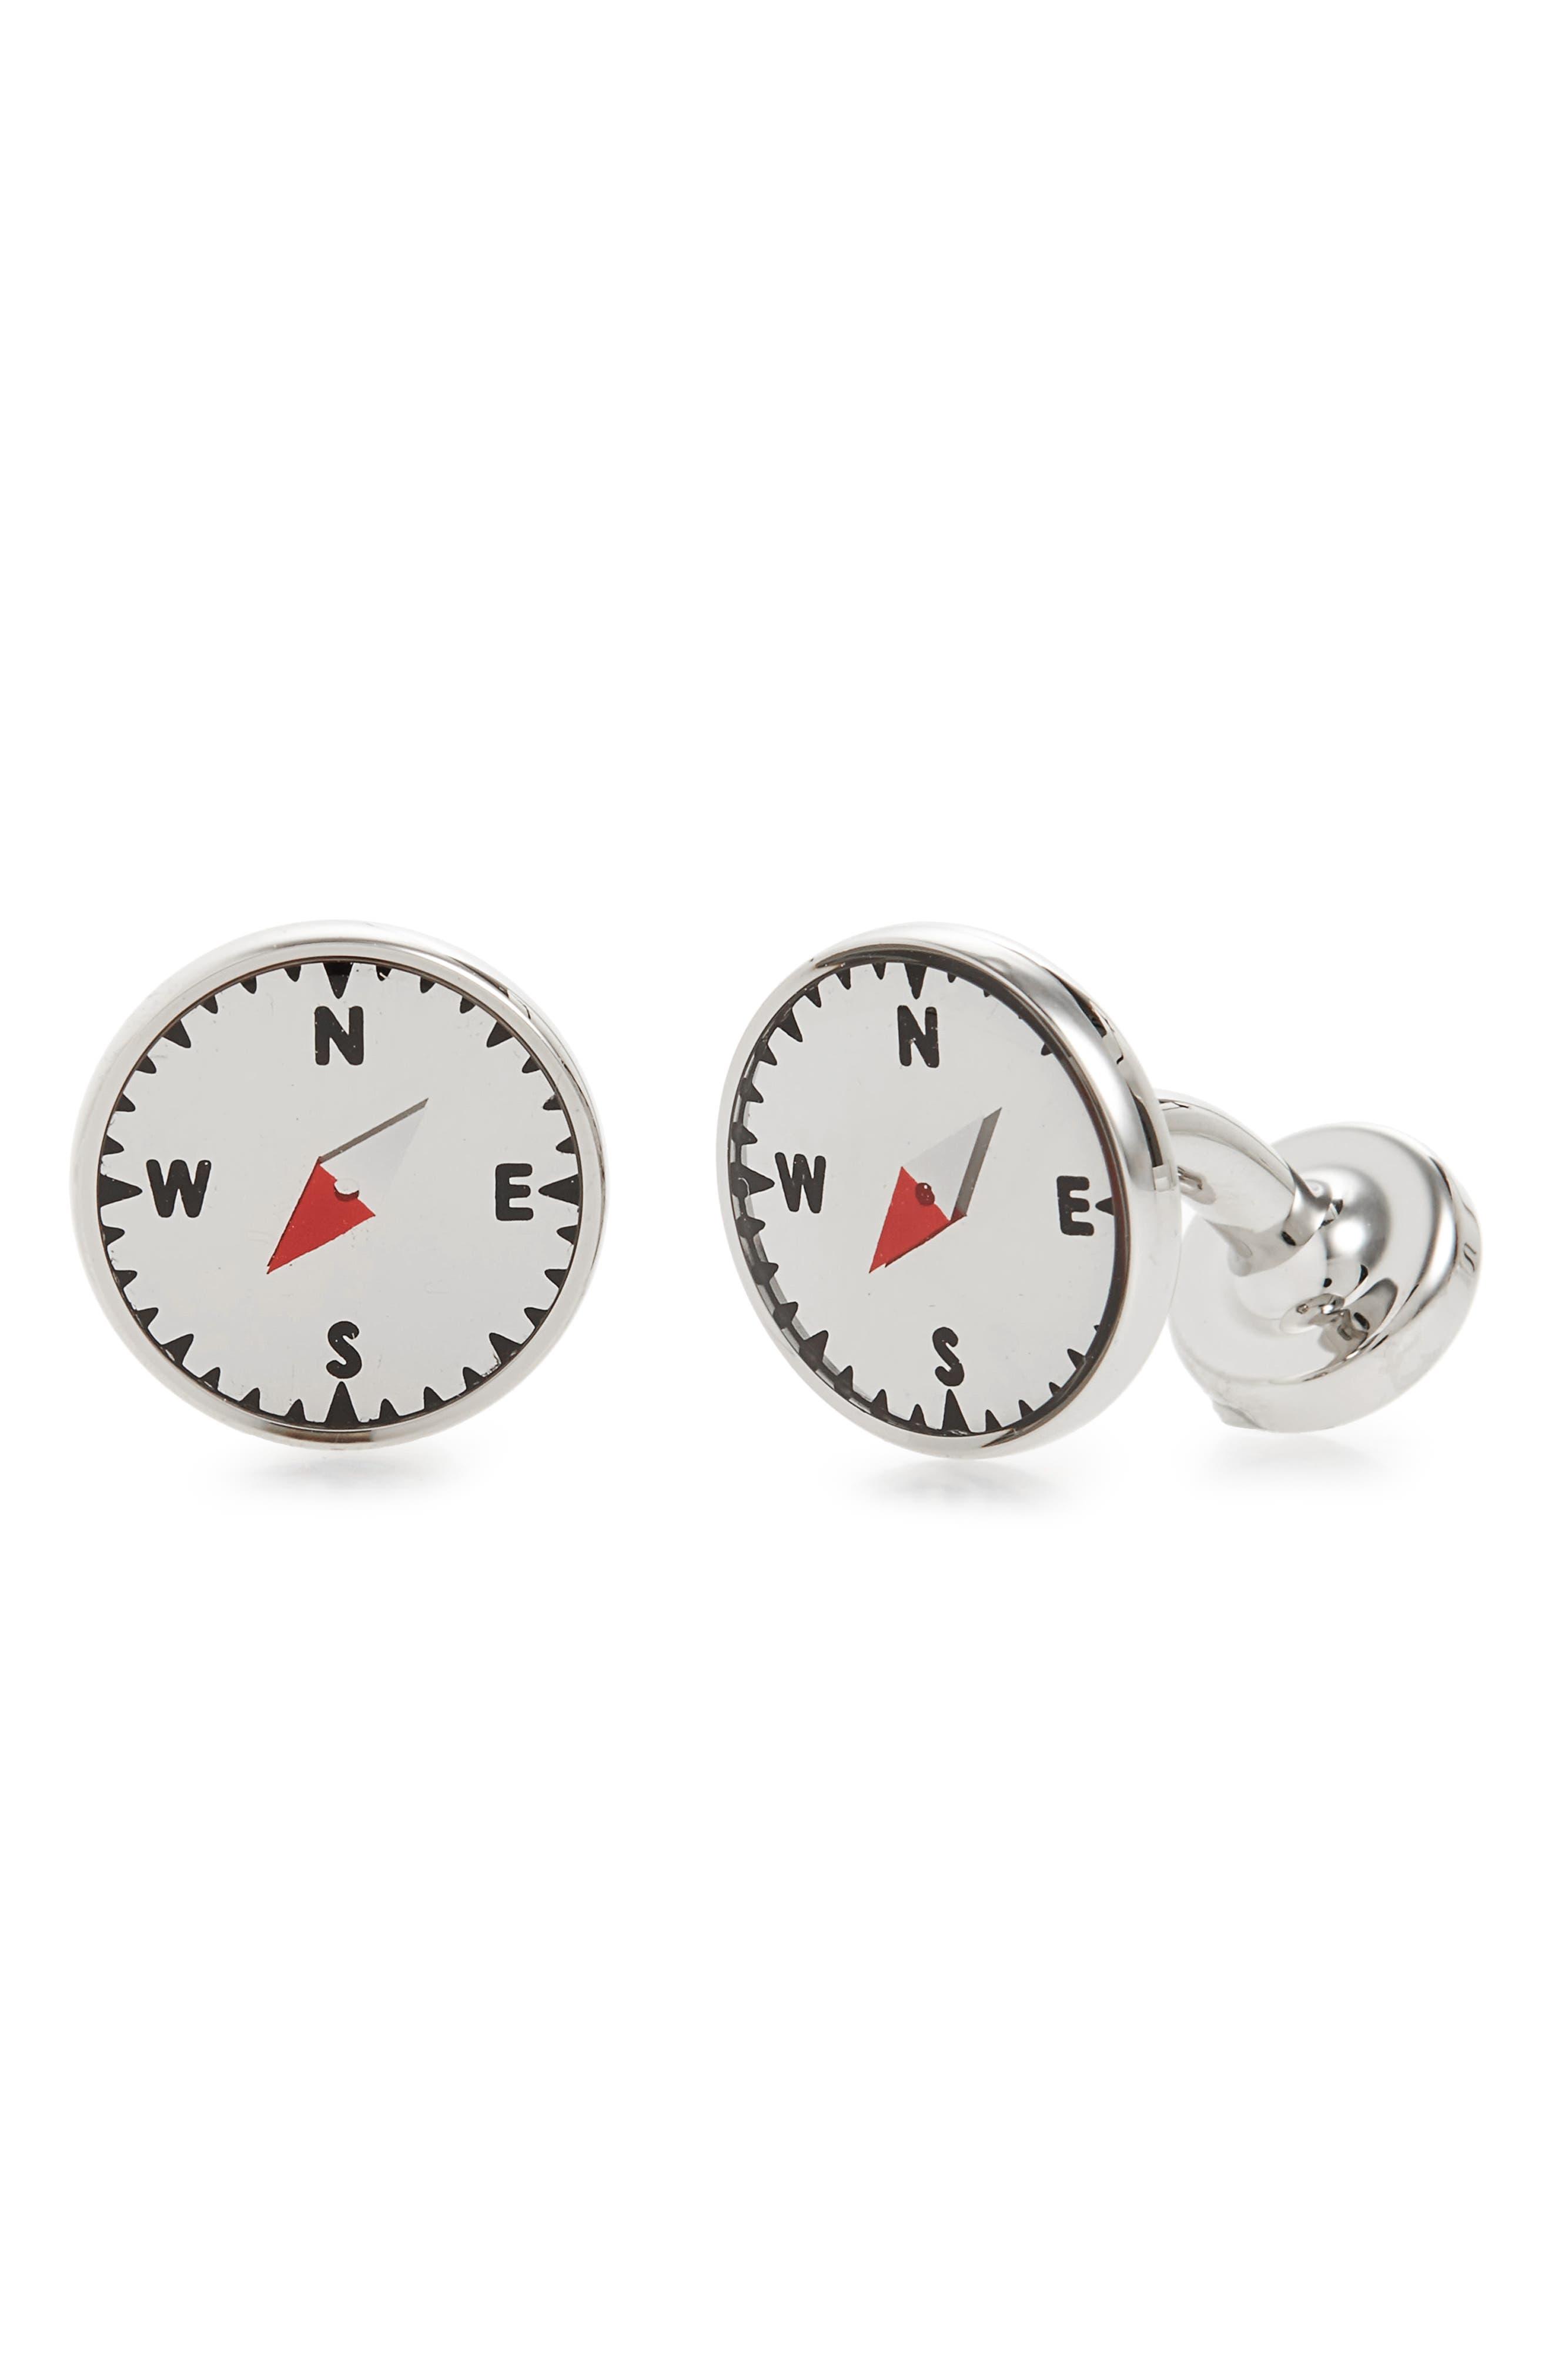 BOSS Compass Cuff Links